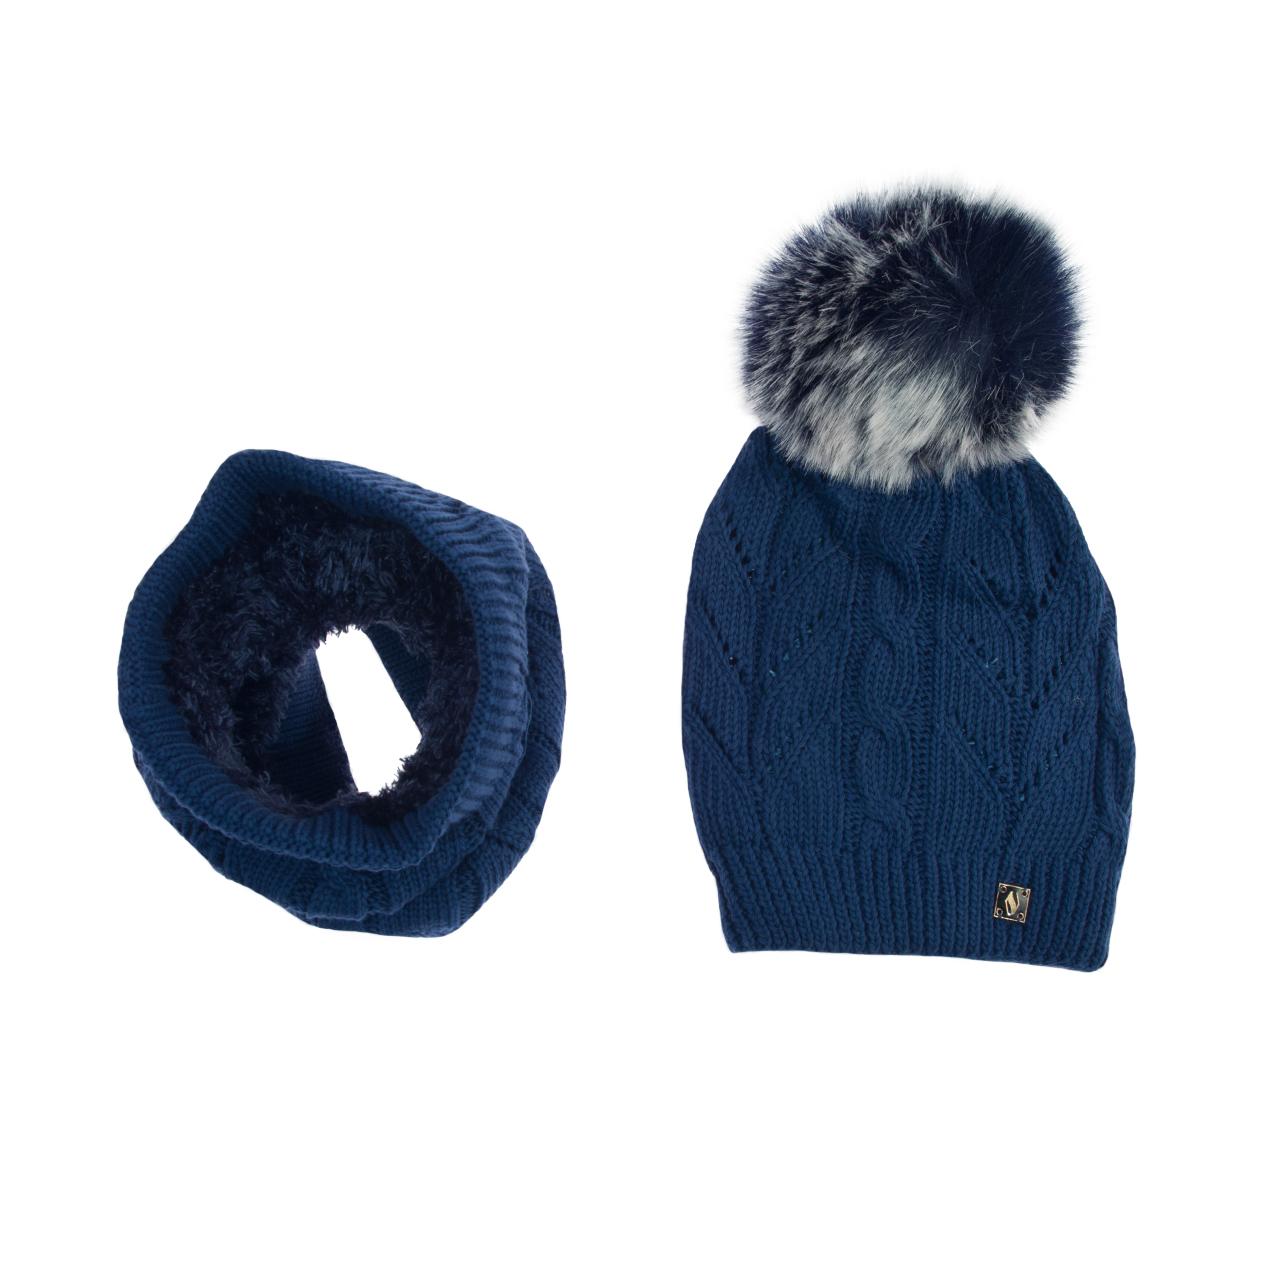 ست کلاه و شال گردن بافتنی تارتن مدل 70006 رنگ آبی